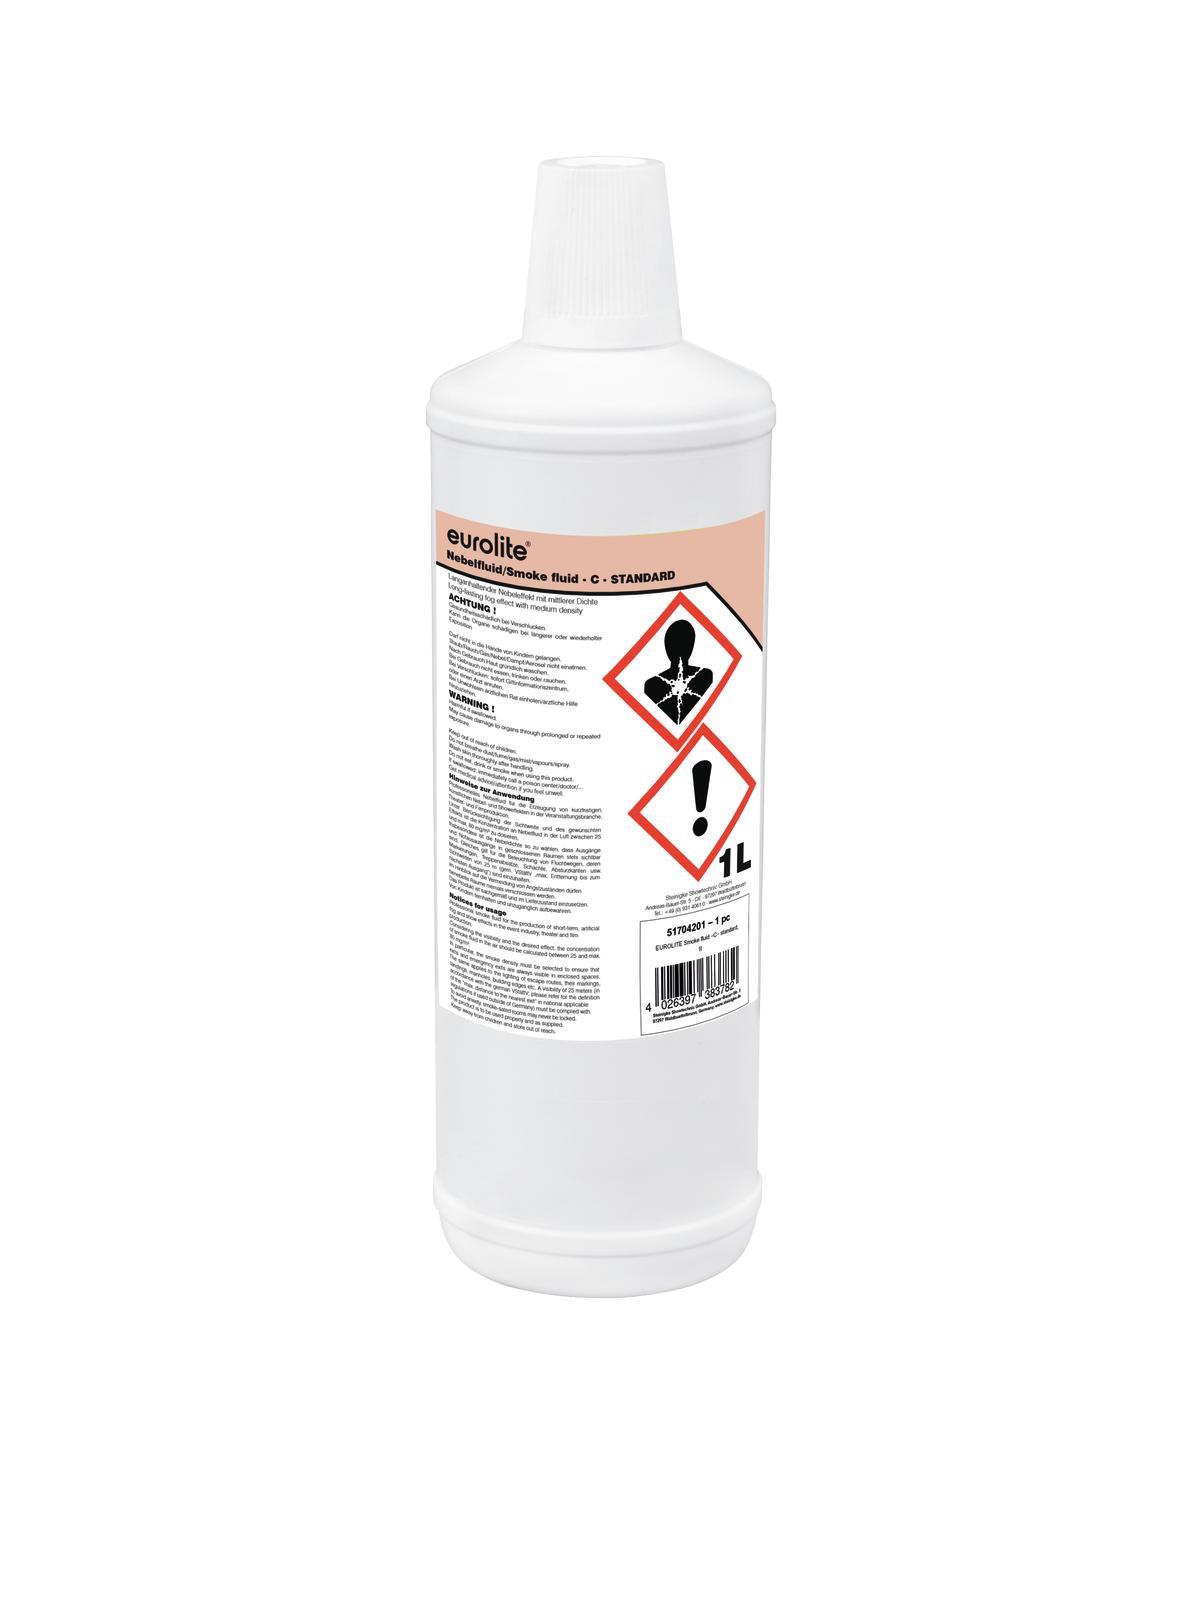 Liquido per macchina del fumo, 1 litro,EUROLITE